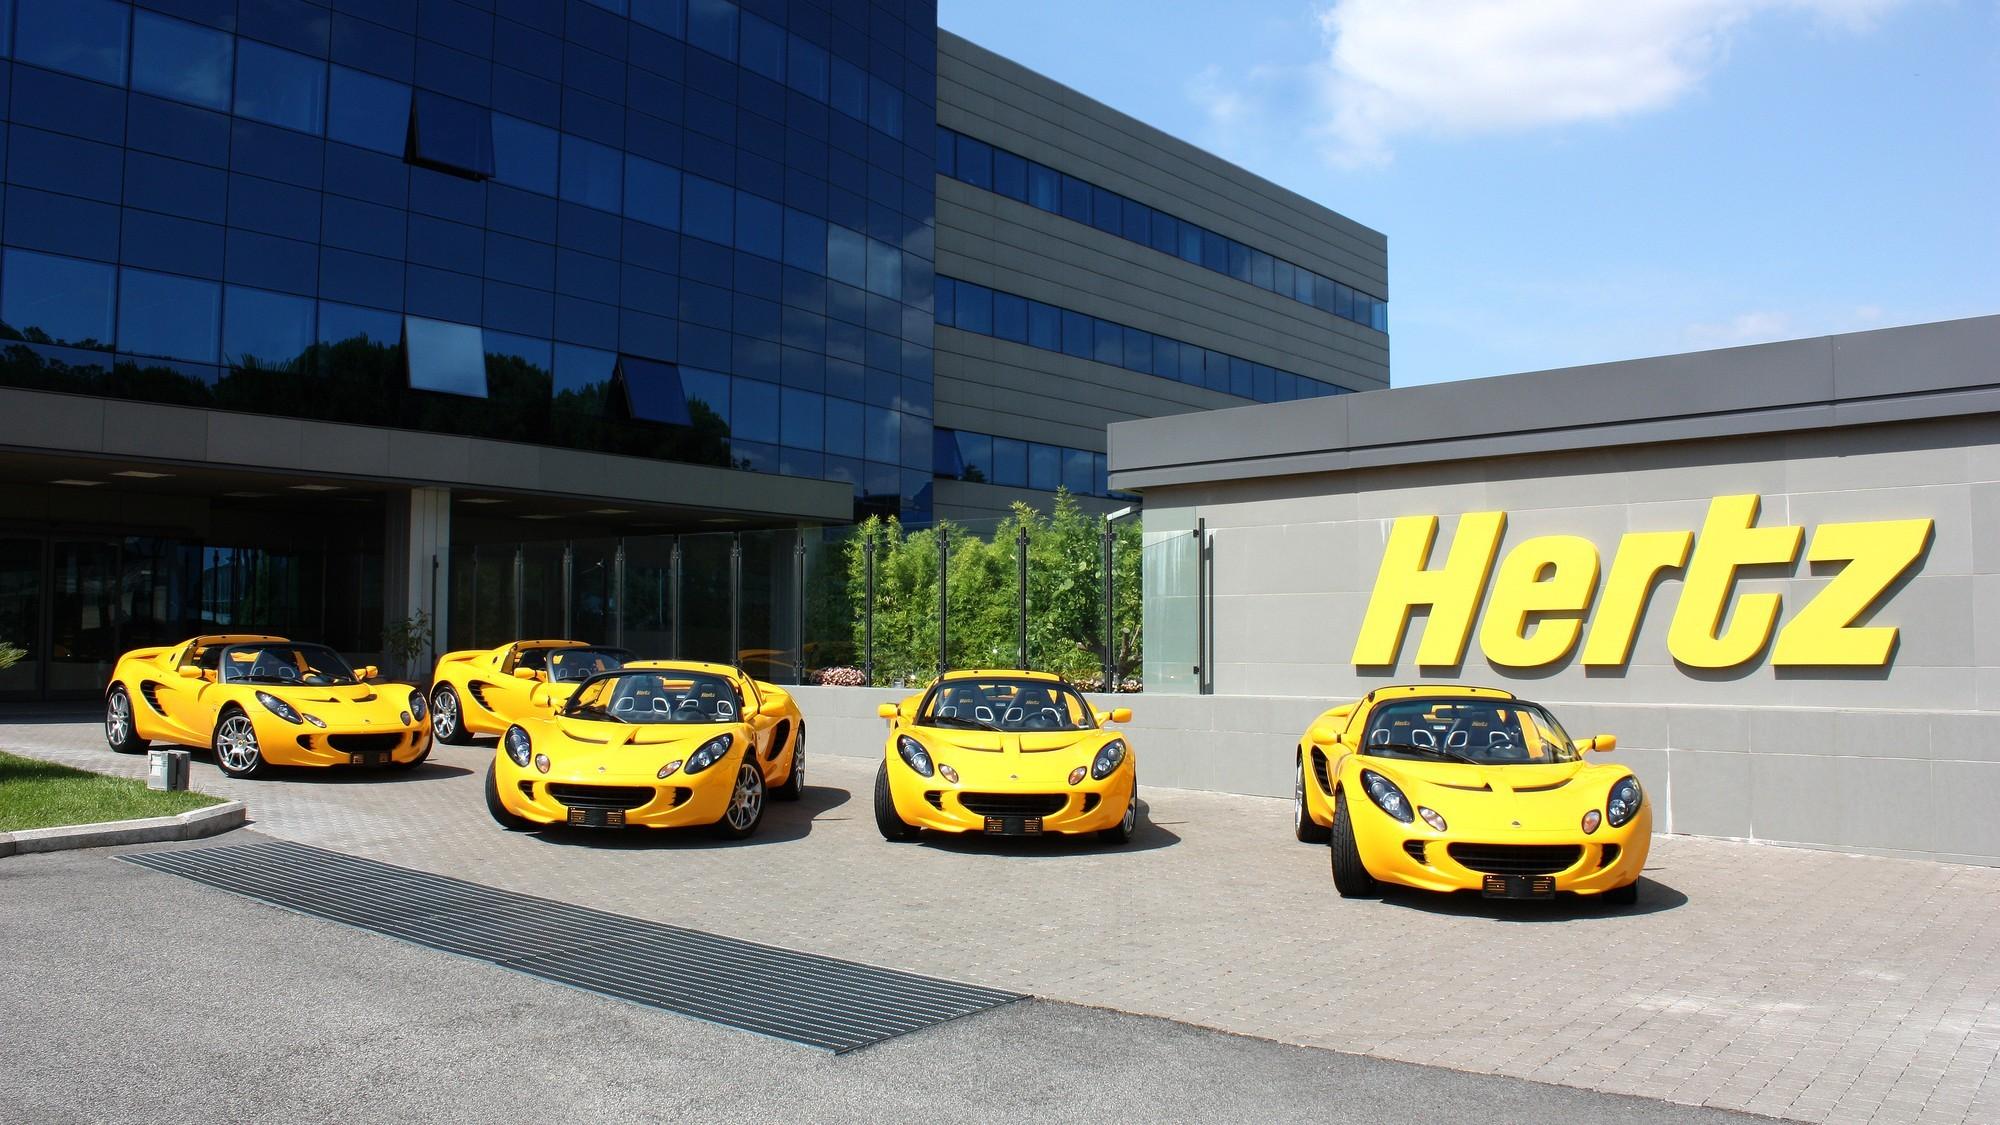 Hertz готов выйти из банкротства. Но выживет ли он в эпоху каршеринга и подписок?